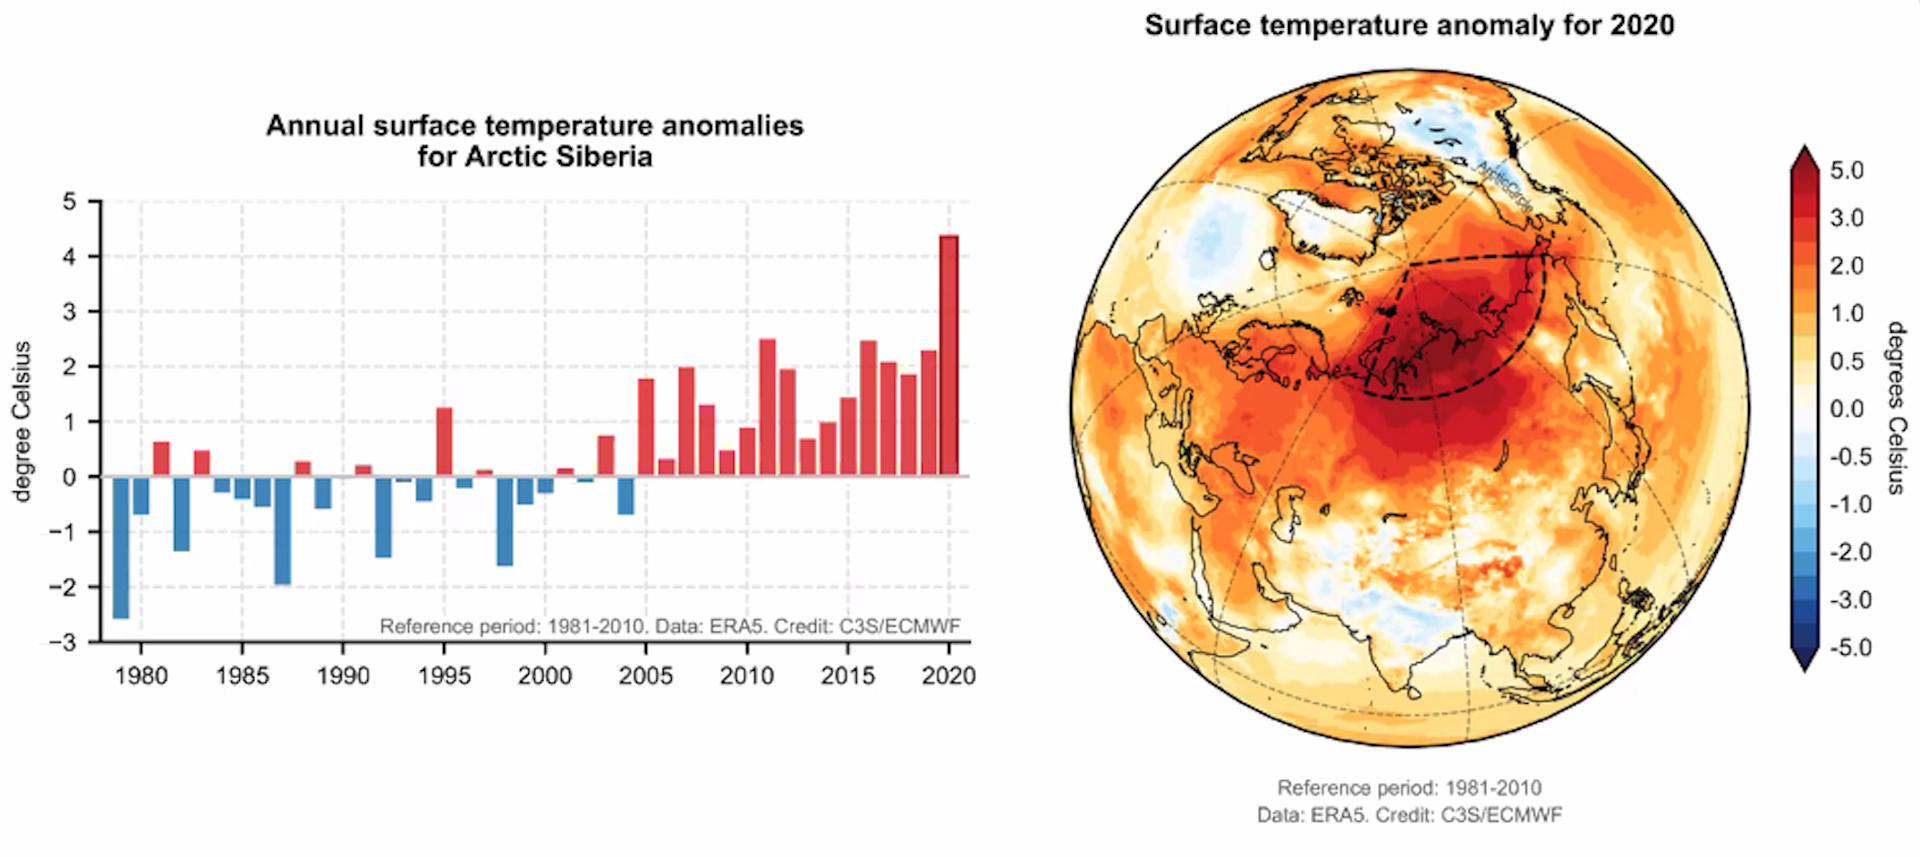 Le anomalie termiche registrate in Siberia nel corso del 2020